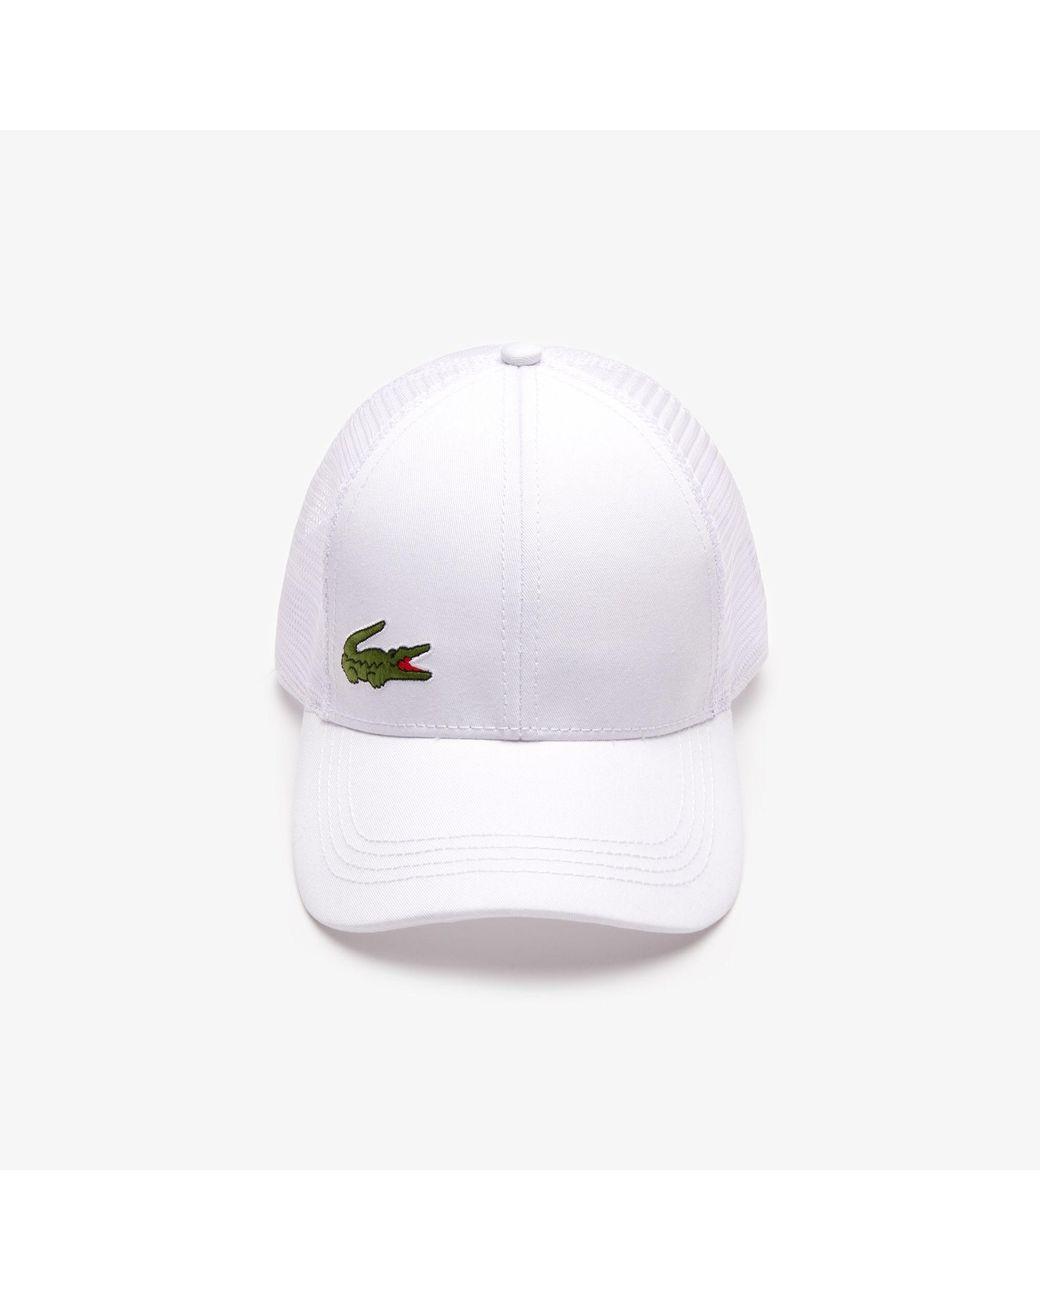 90667d3702 Lacoste Sport Gabardine And Mesh Tennis Cap in White for Men - Lyst